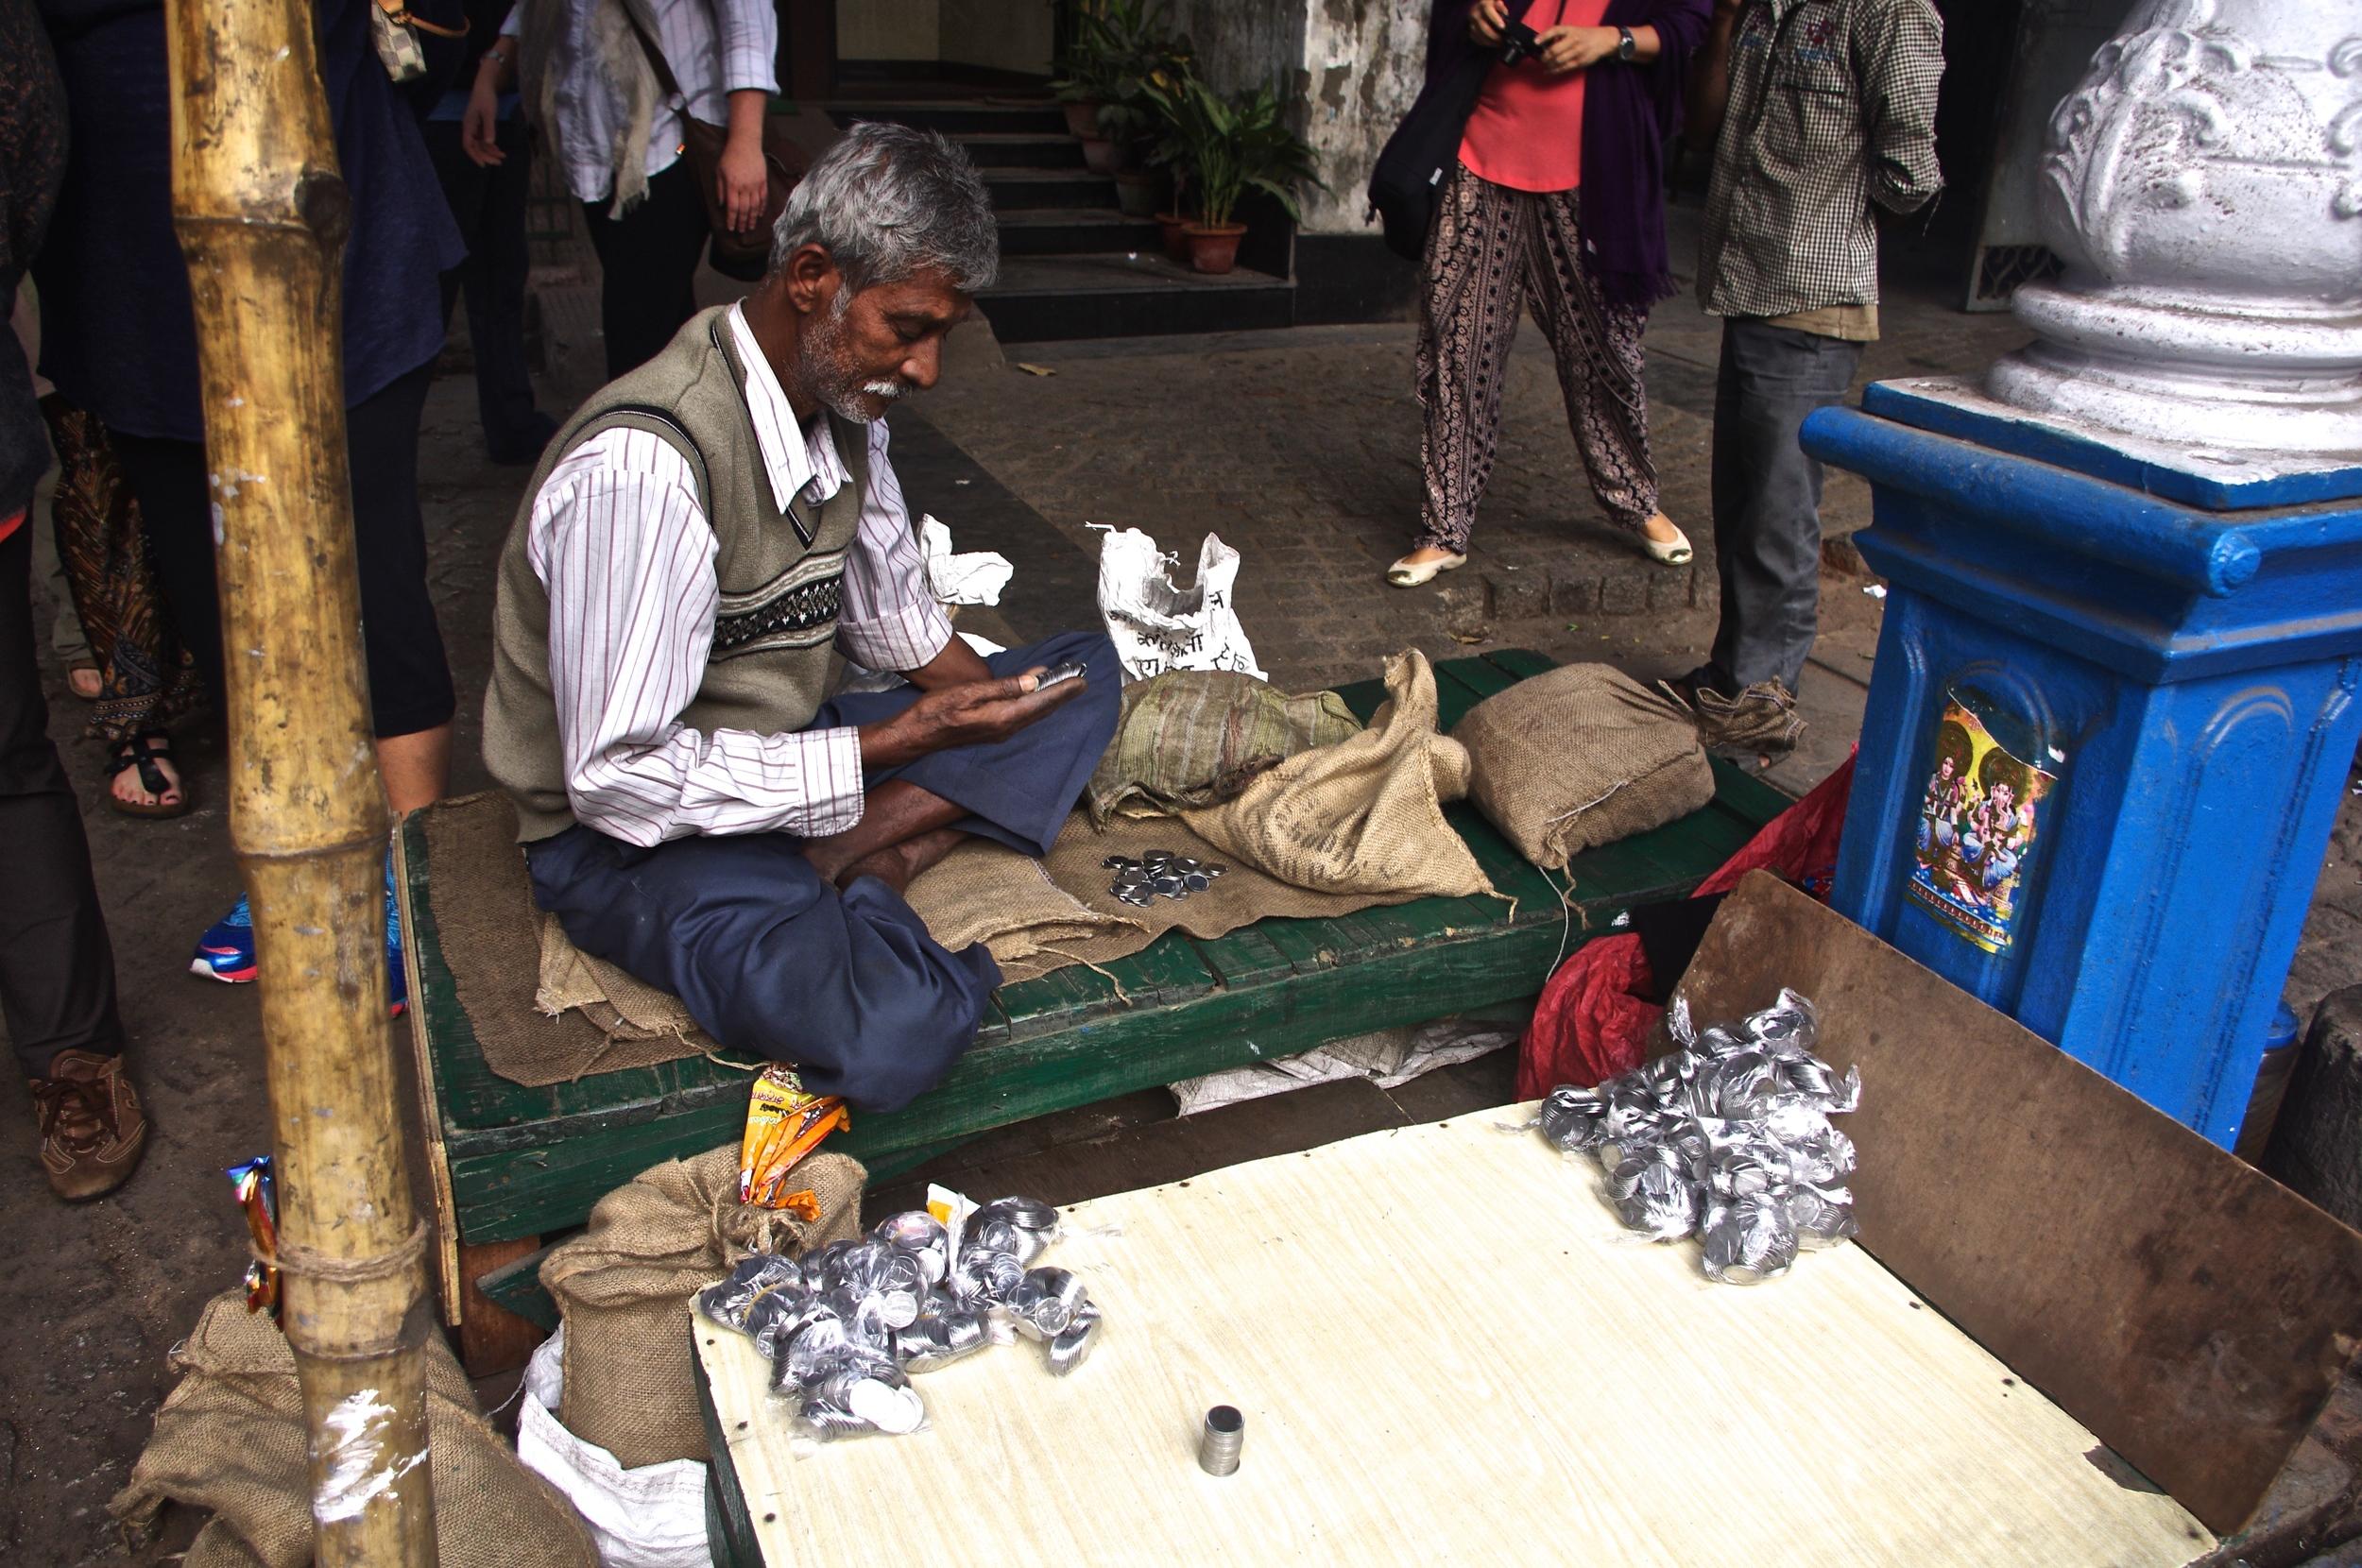 Money changer in Kolkata